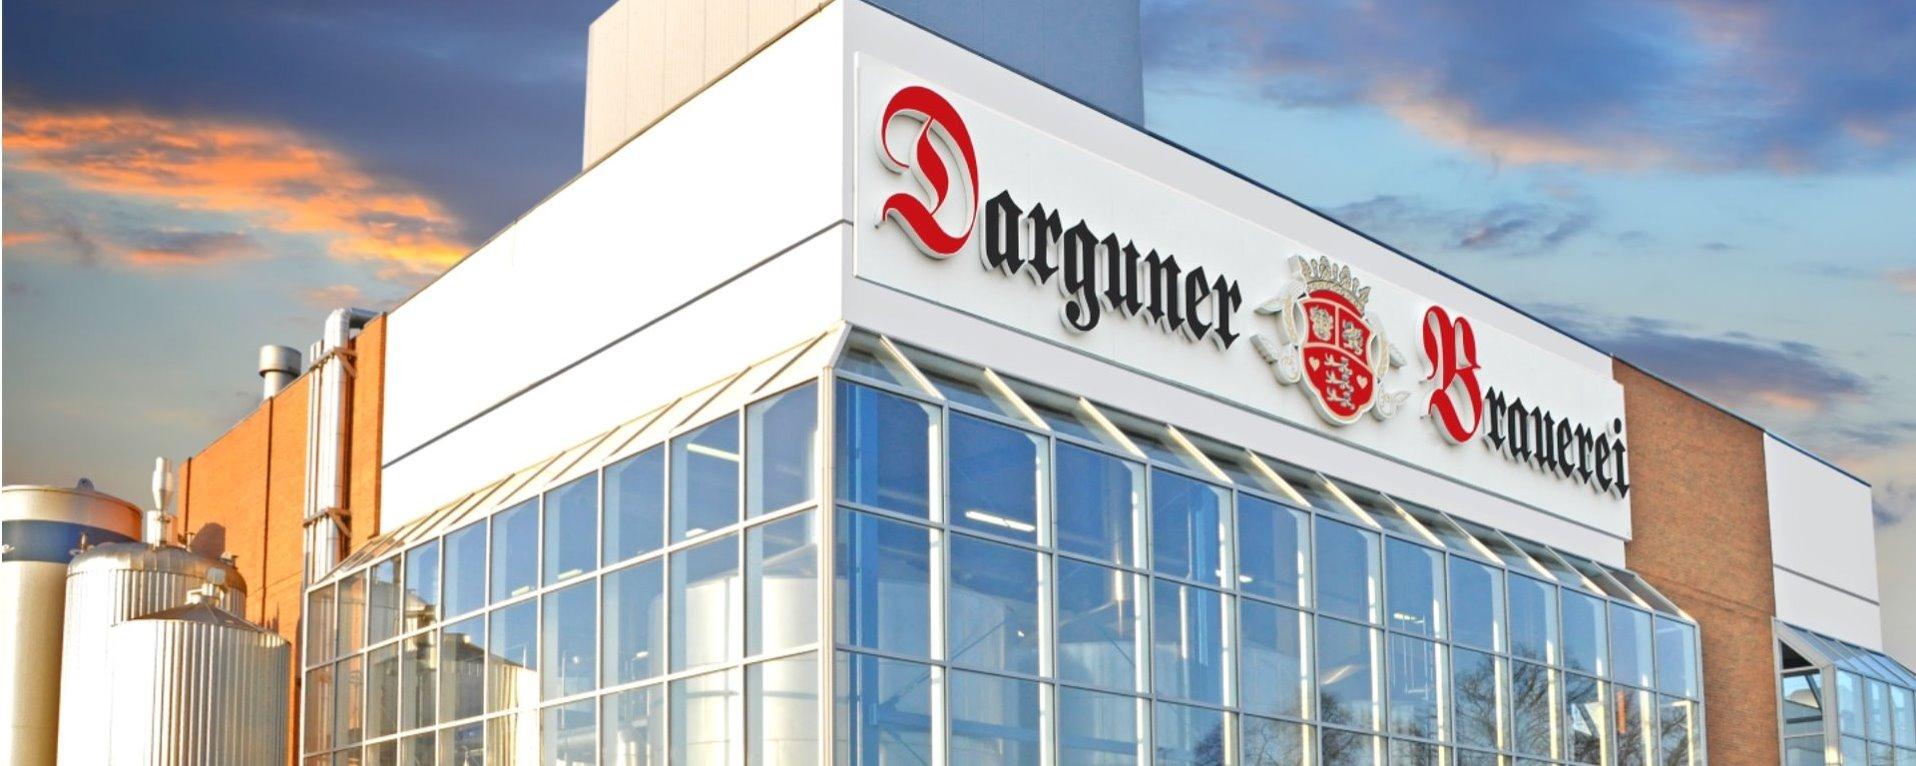 Darguner Brauerei GmbH